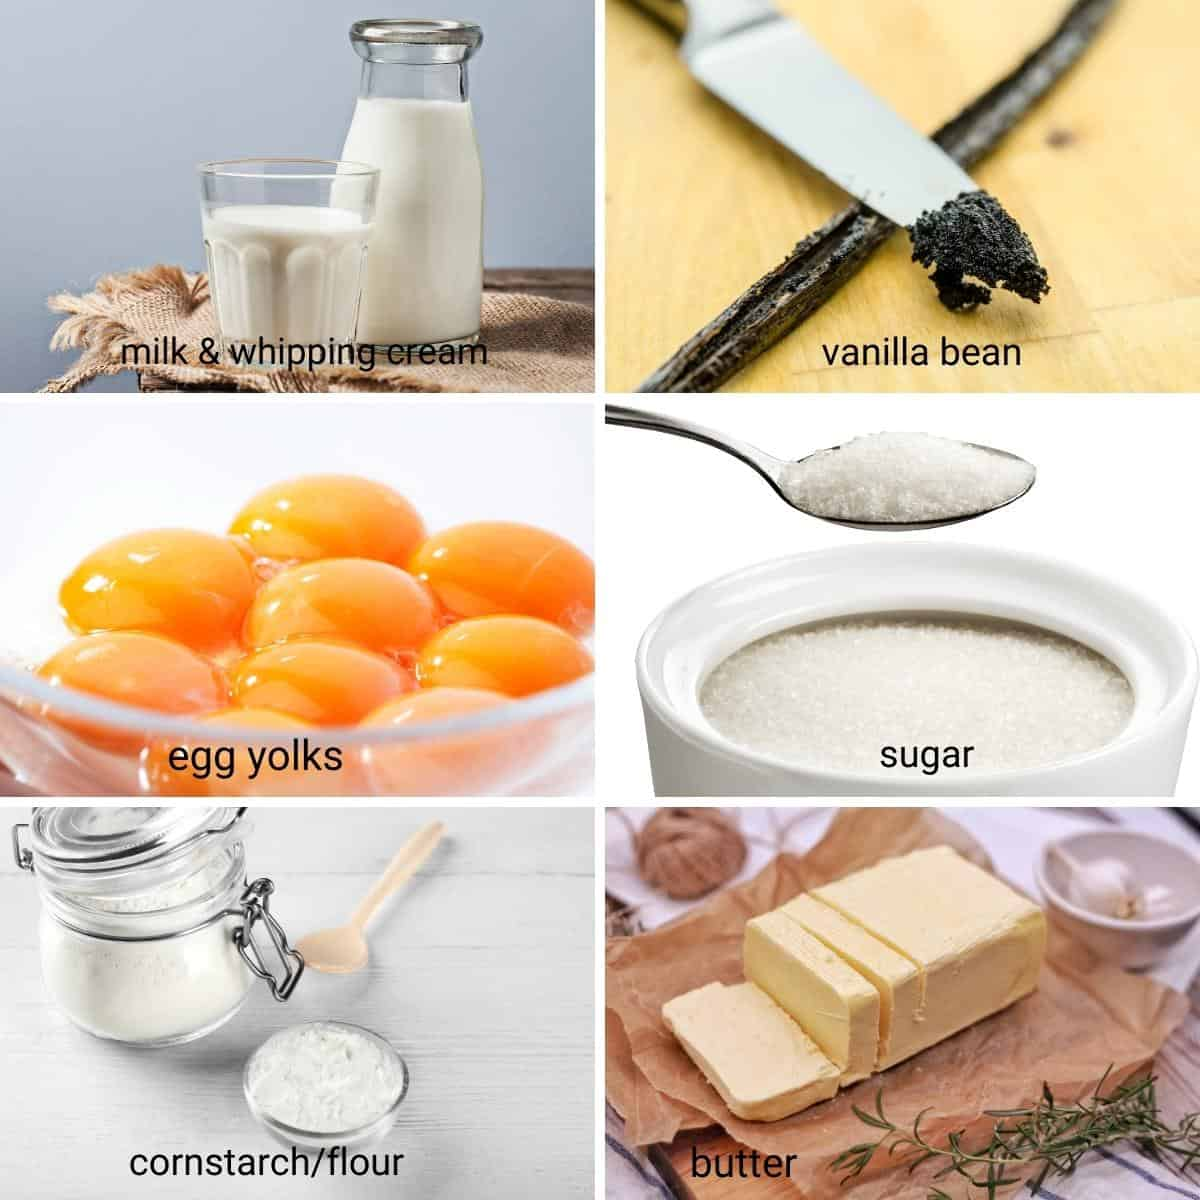 Ingredients shot collage for custard cake filling.